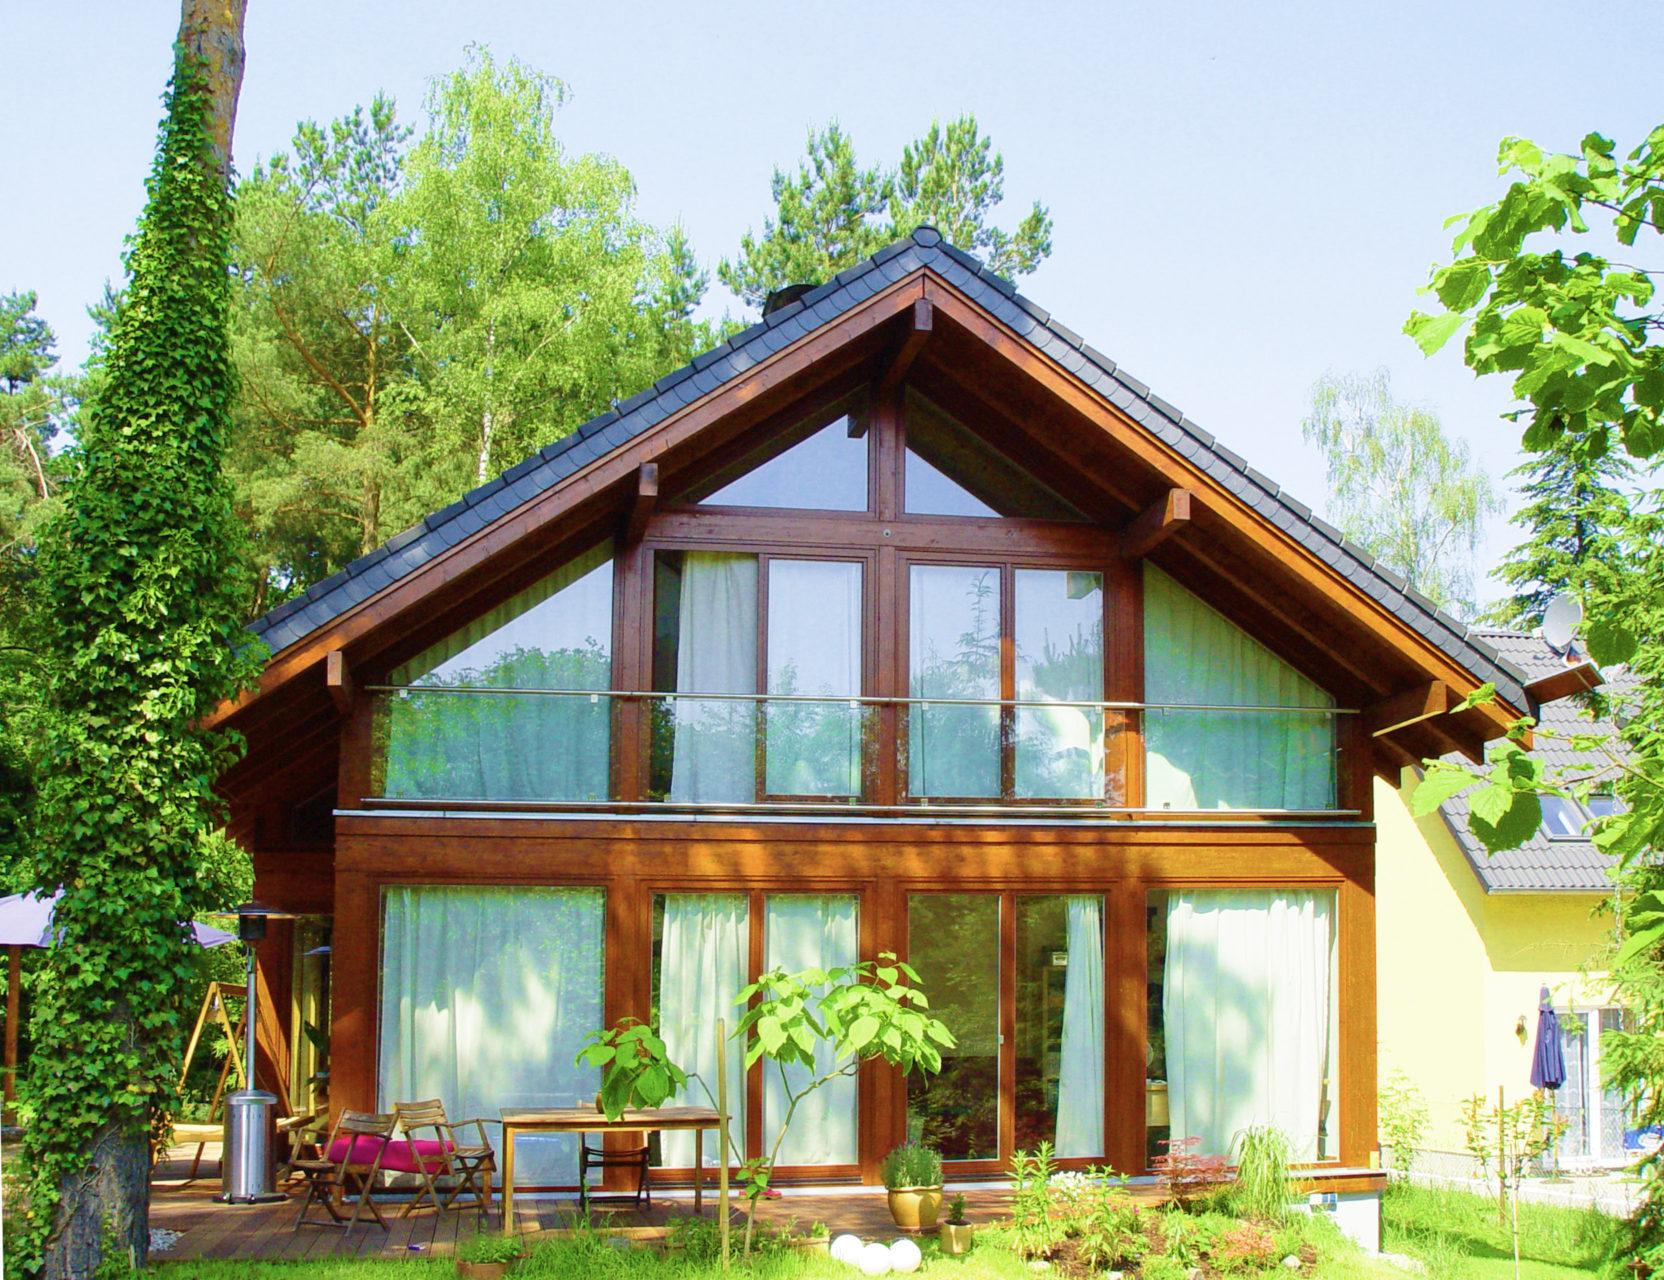 ein landhaus mit viel charme in der natur concentus modernes fachwerkhaus. Black Bedroom Furniture Sets. Home Design Ideas